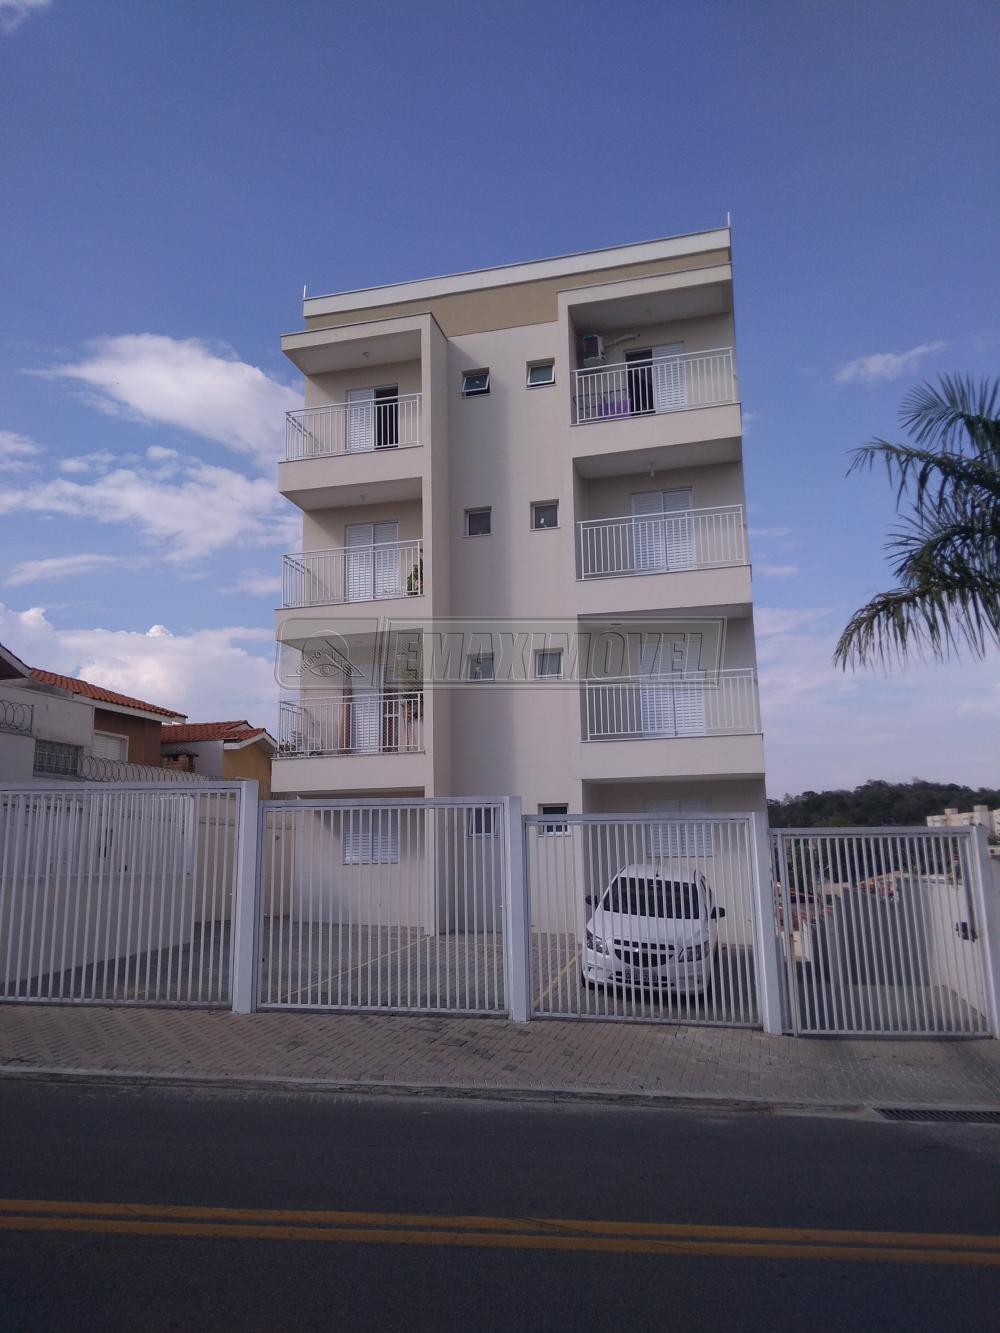 Alugar Apartamentos / Apto Padrão em Sorocaba apenas R$ 970,00 - Foto 1